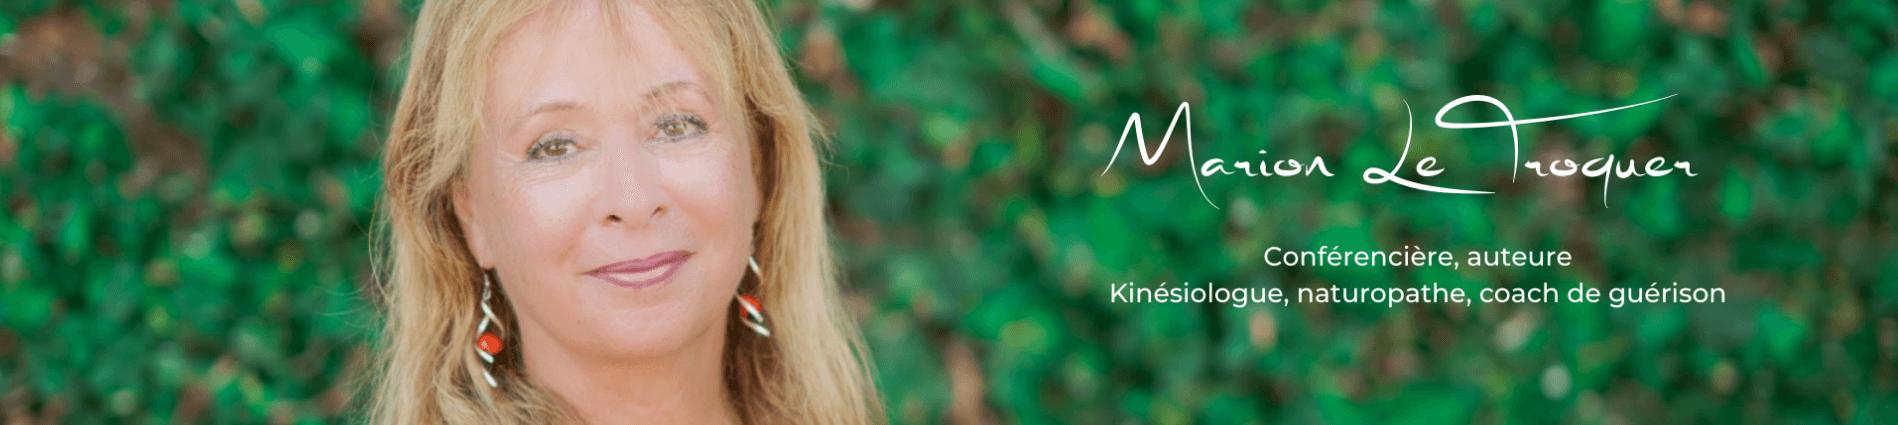 kinésiologue Marion Le troquer